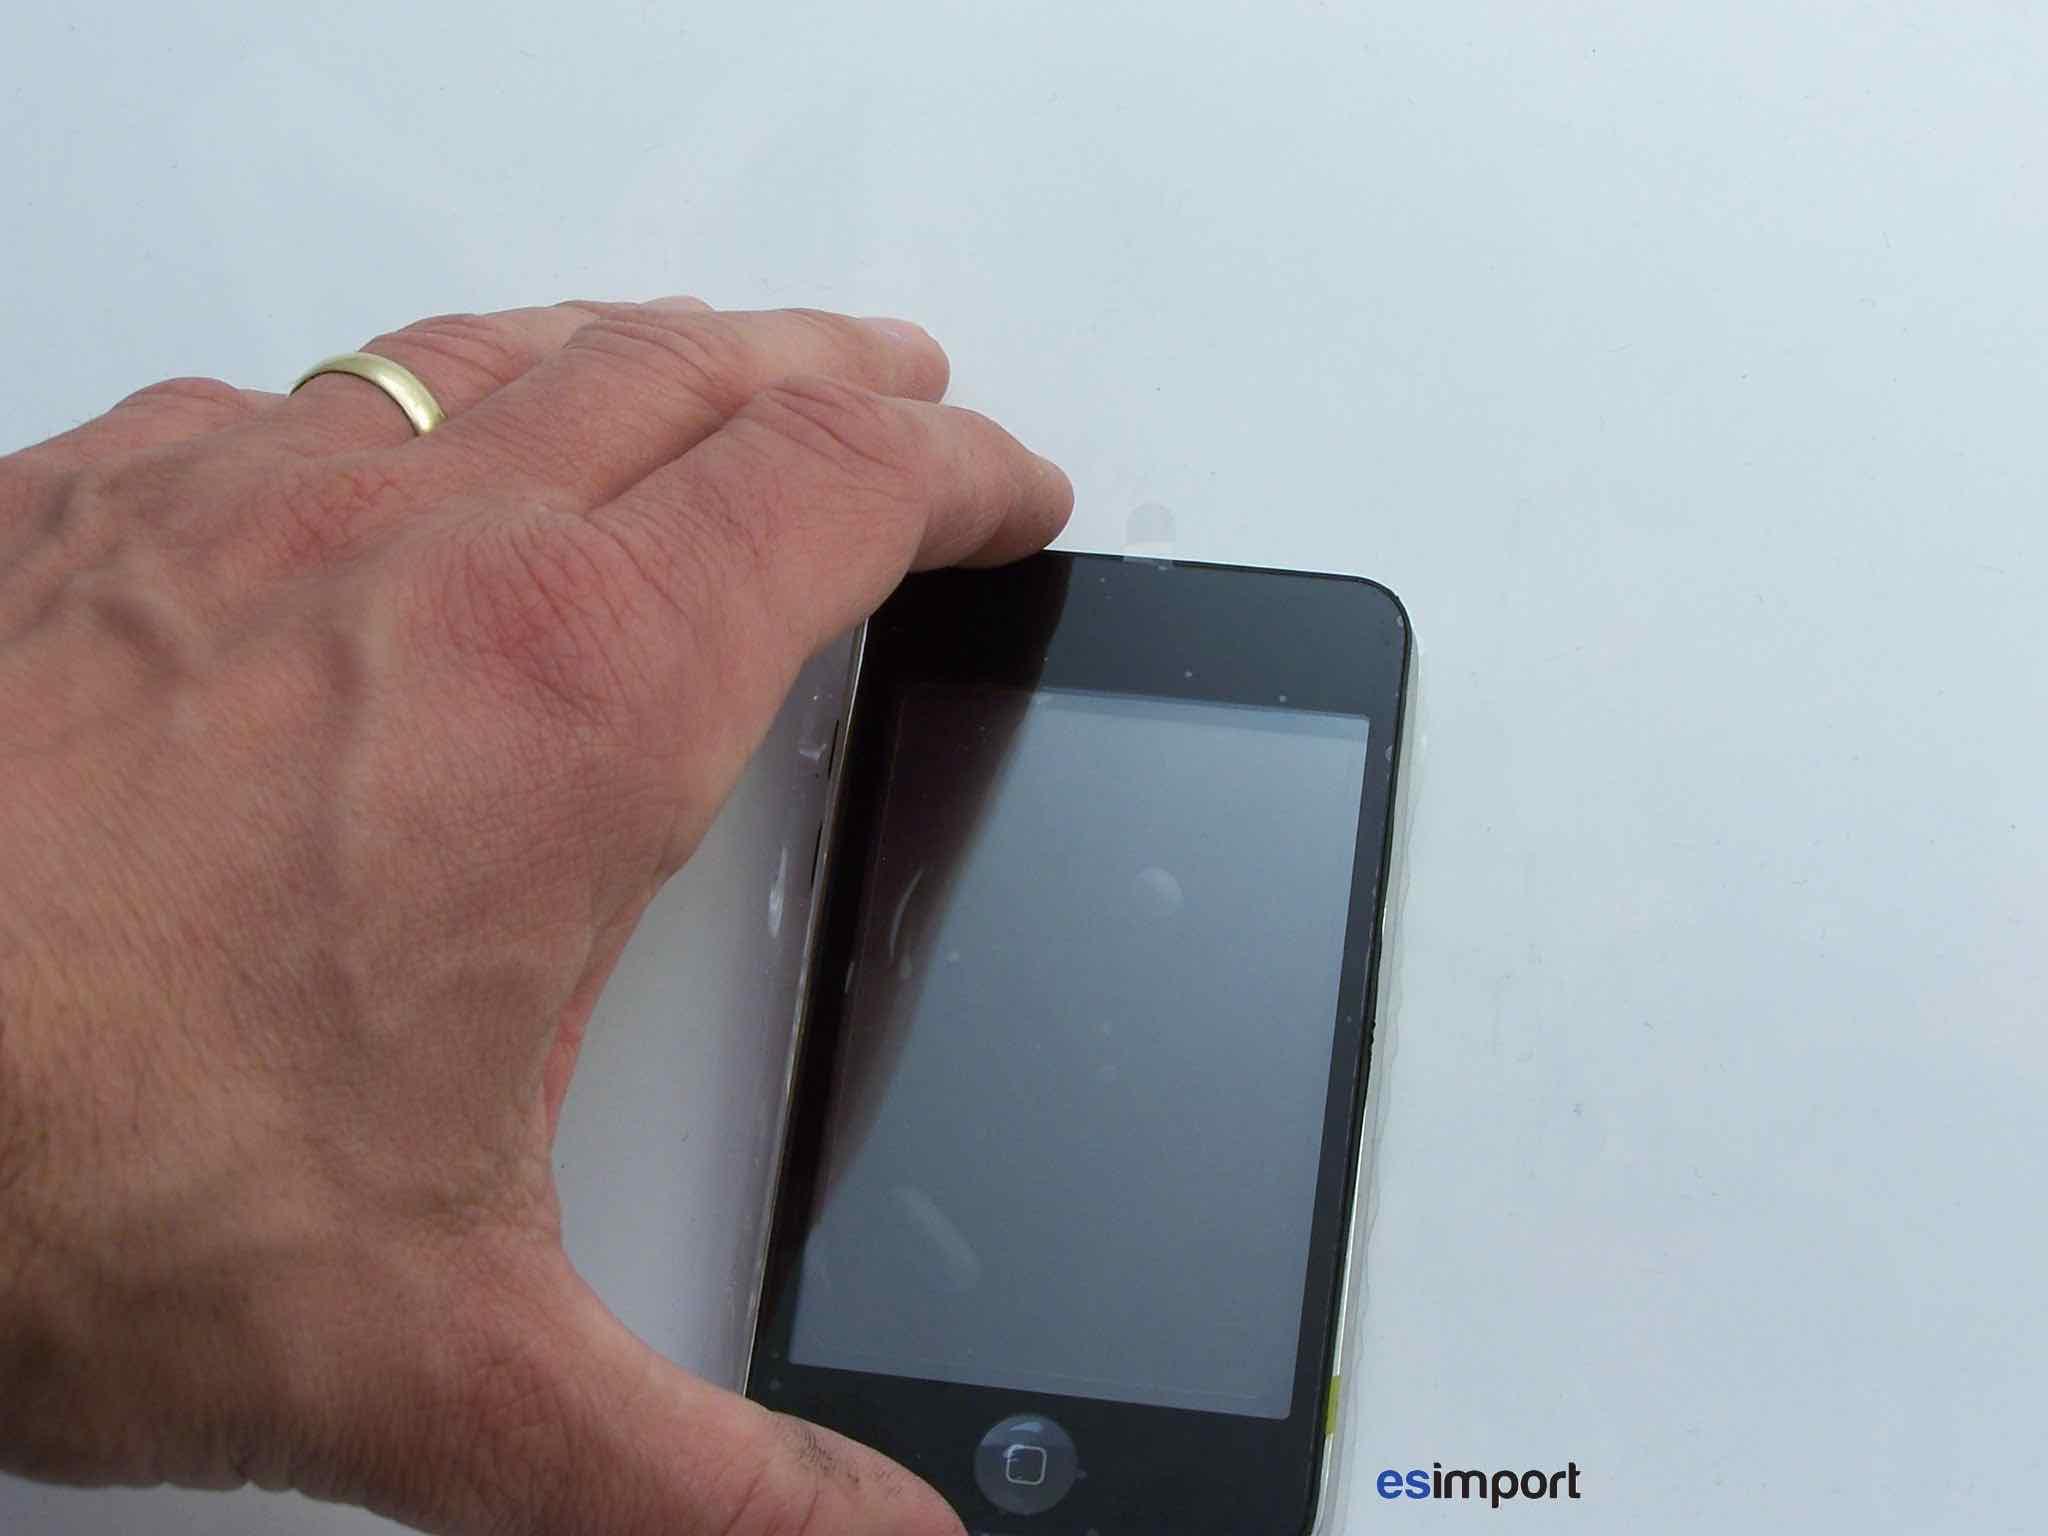 tutoriel d crivant le changement de l 39 cran tactile sur un ipod touch 2. Black Bedroom Furniture Sets. Home Design Ideas